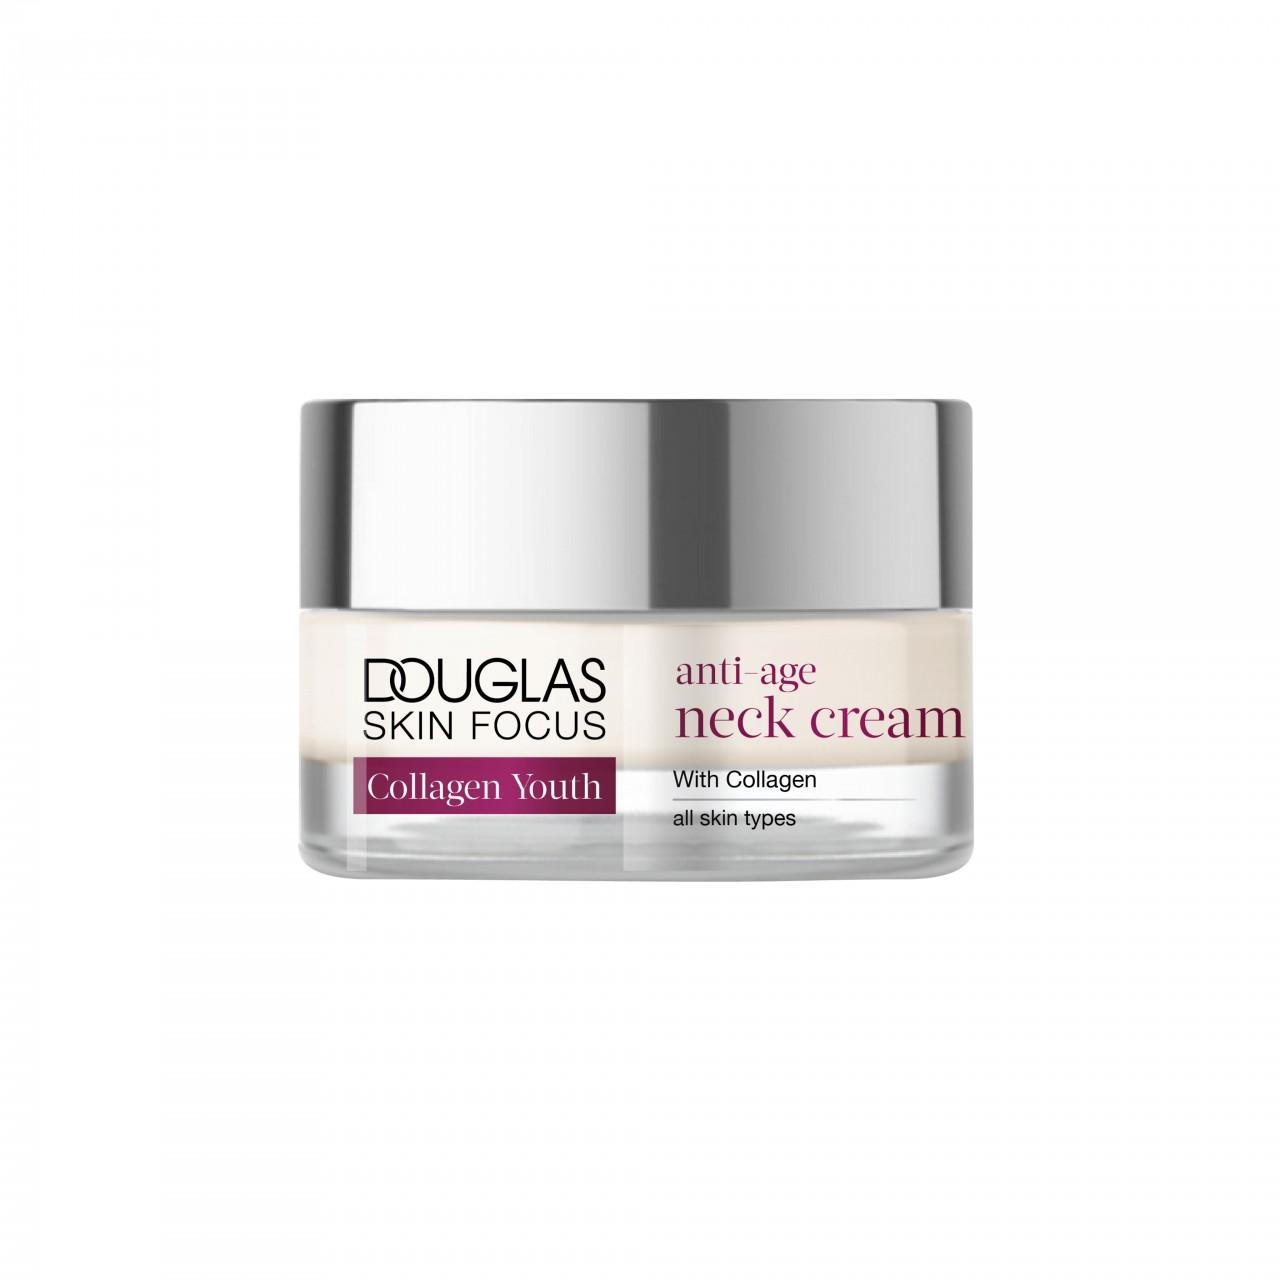 Douglas Focus Anti-Age Neck Cream